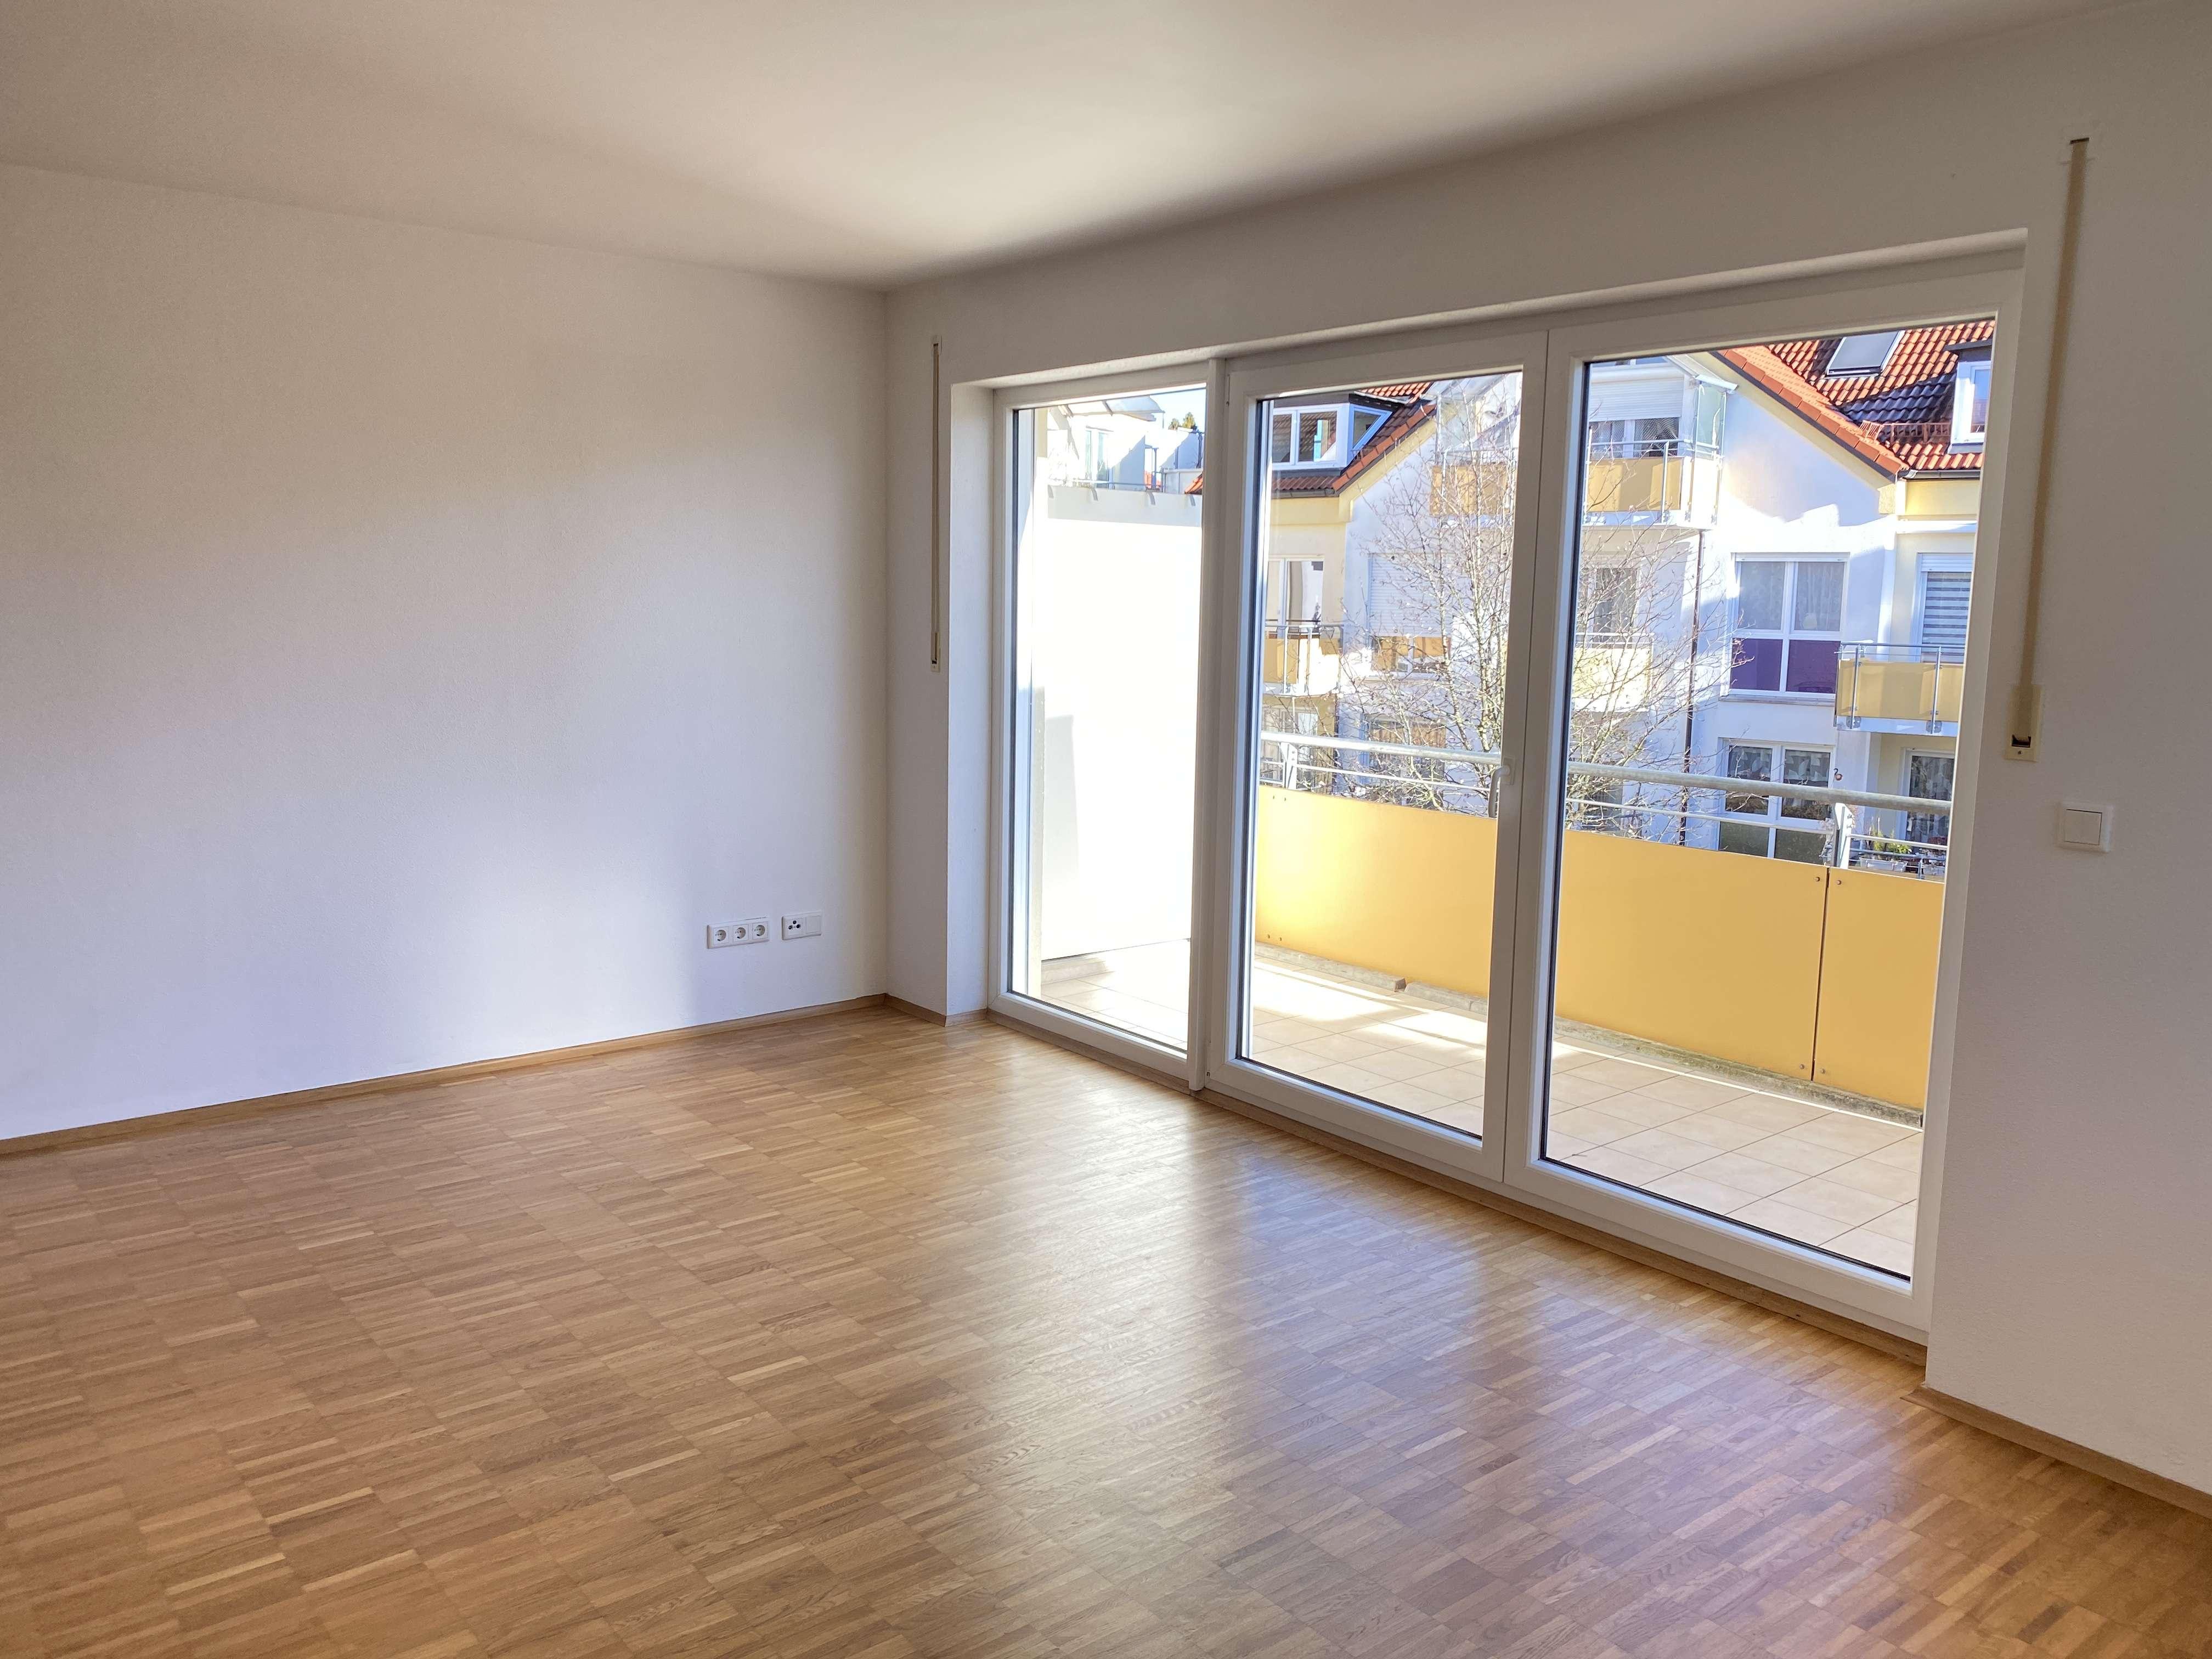 Exklusive, vollständig renovierte 2,5-Zimmer-Wohnung mit Balkon und Einbauküche in Markt Schwaben in